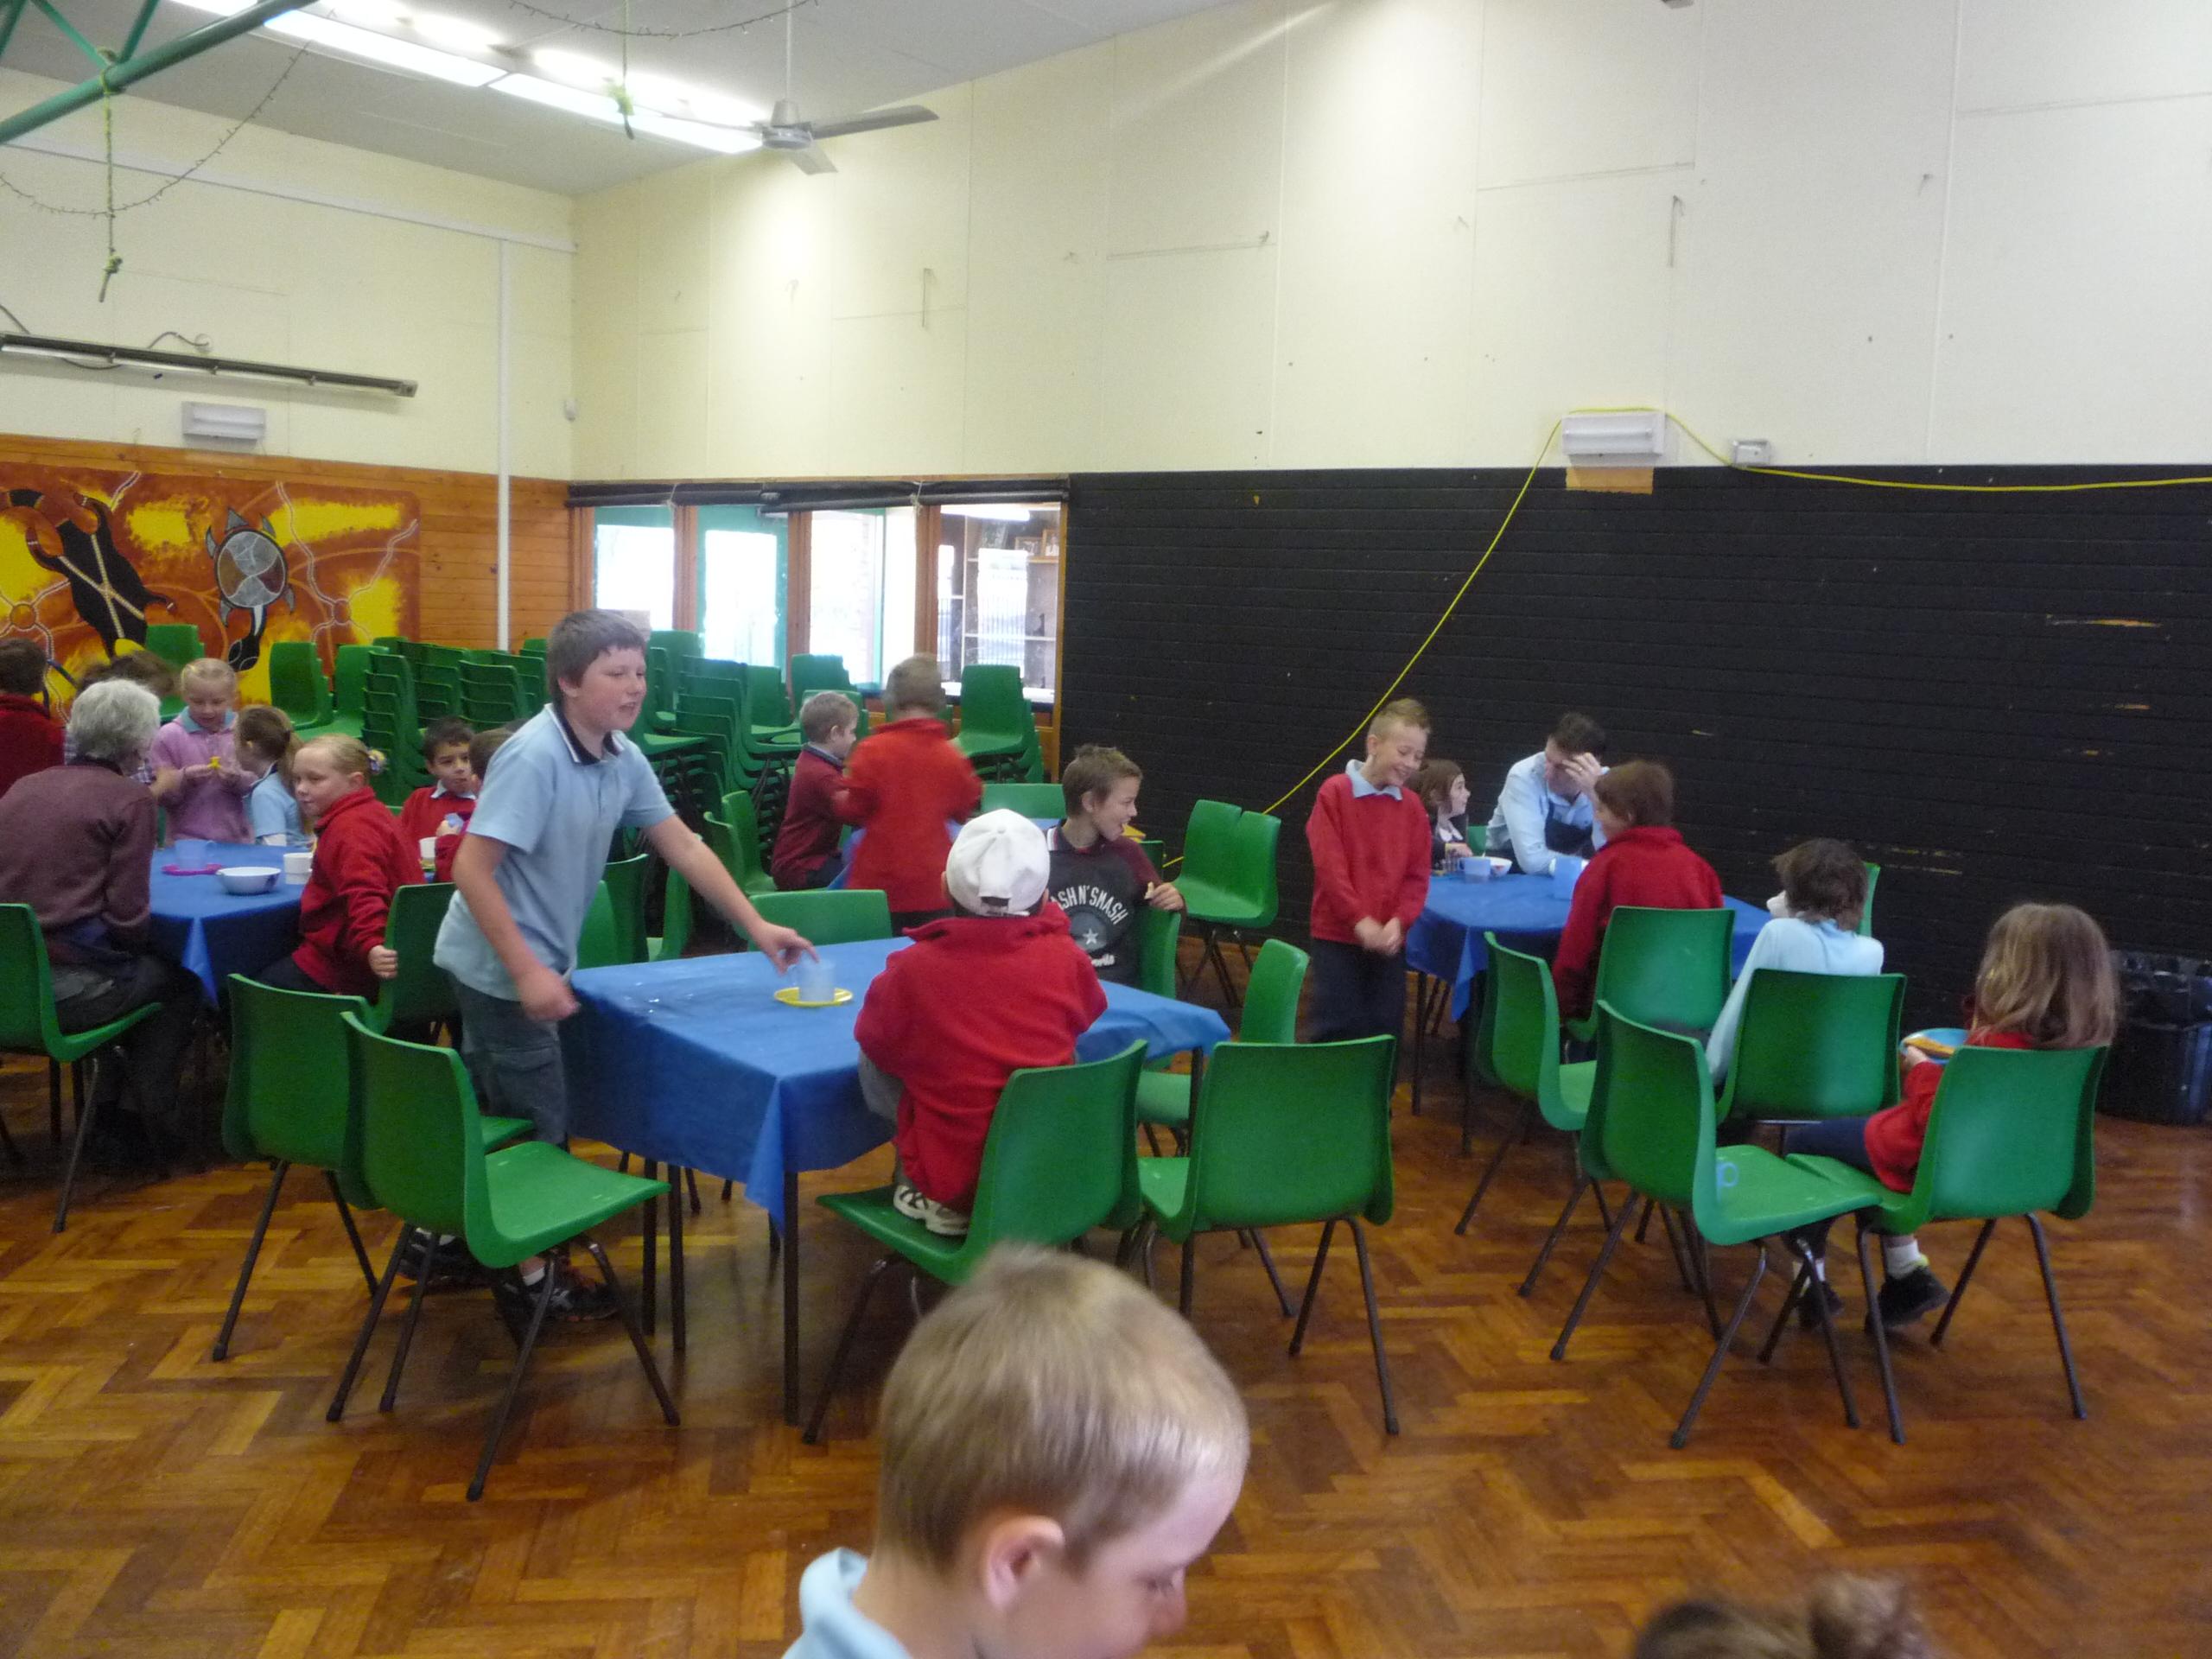 Bowen School Breakfast Program